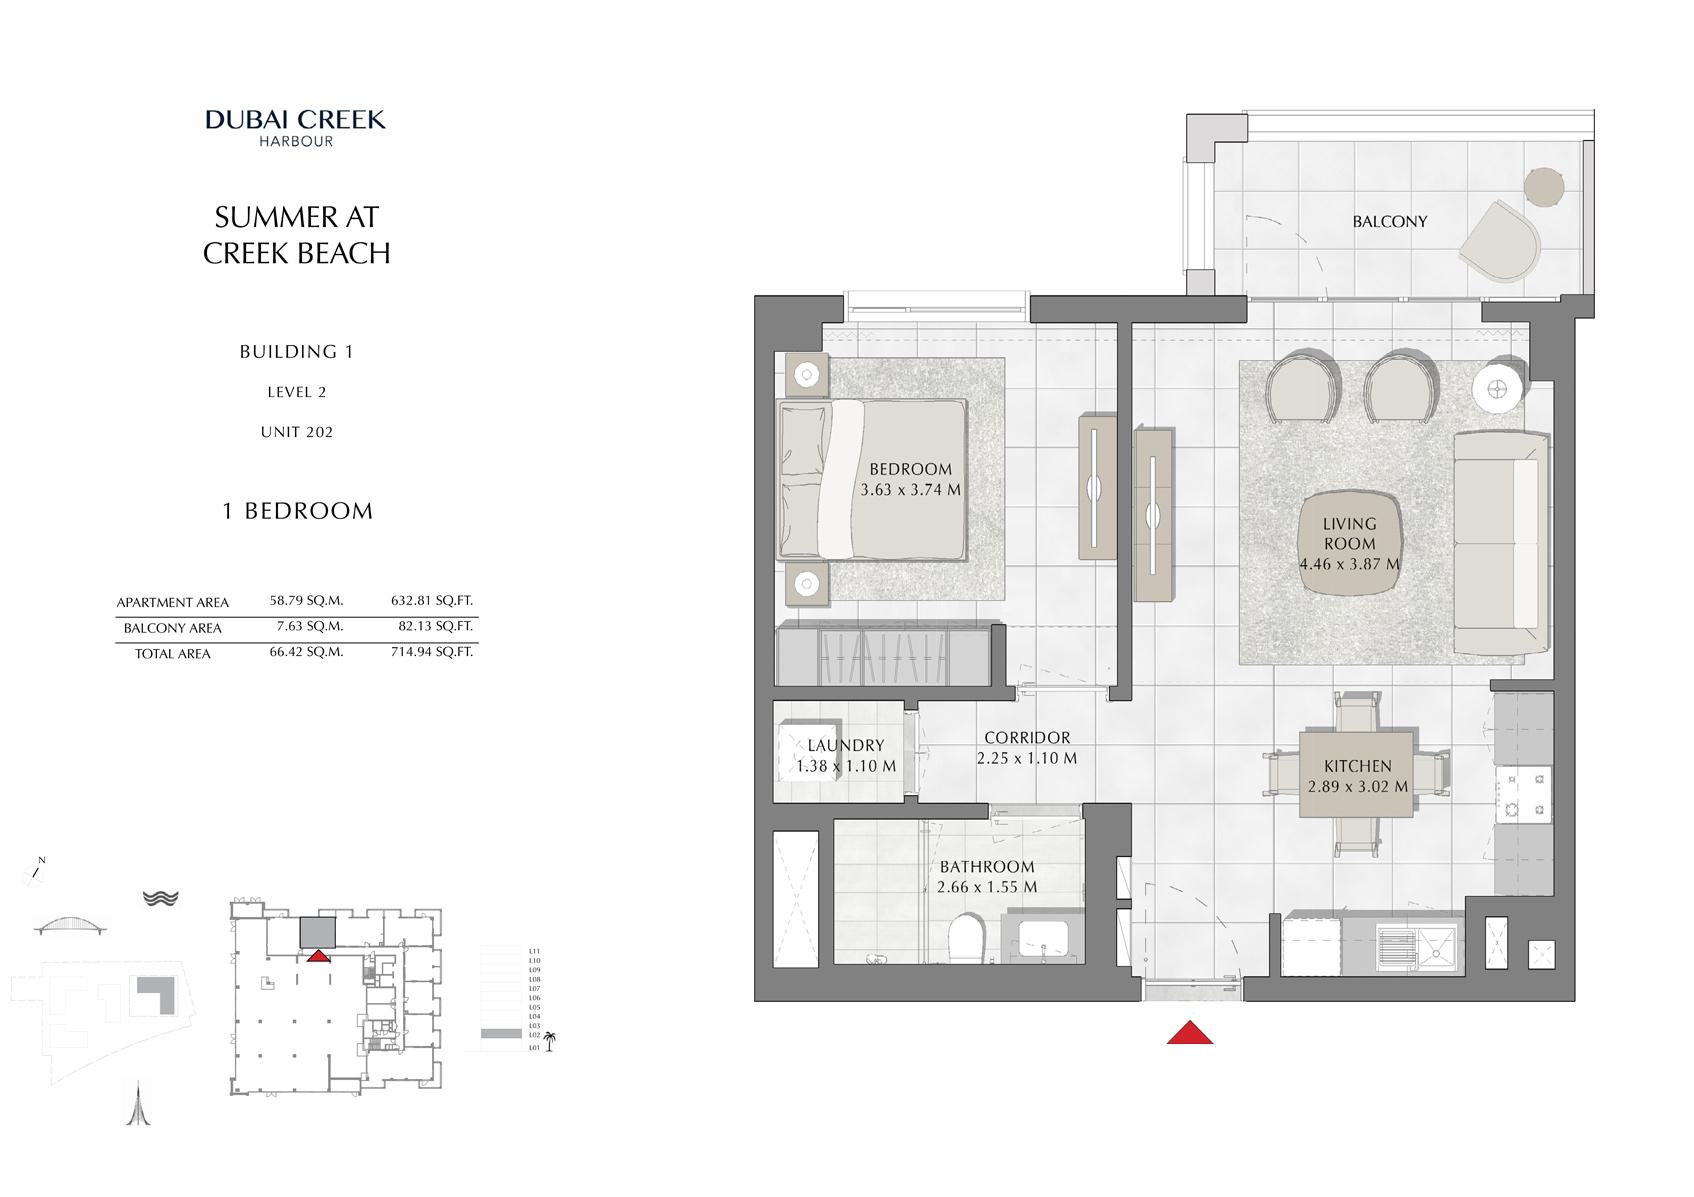 1 Br Building 1 Level 2 Unit 202, Size 714 Sq Ft